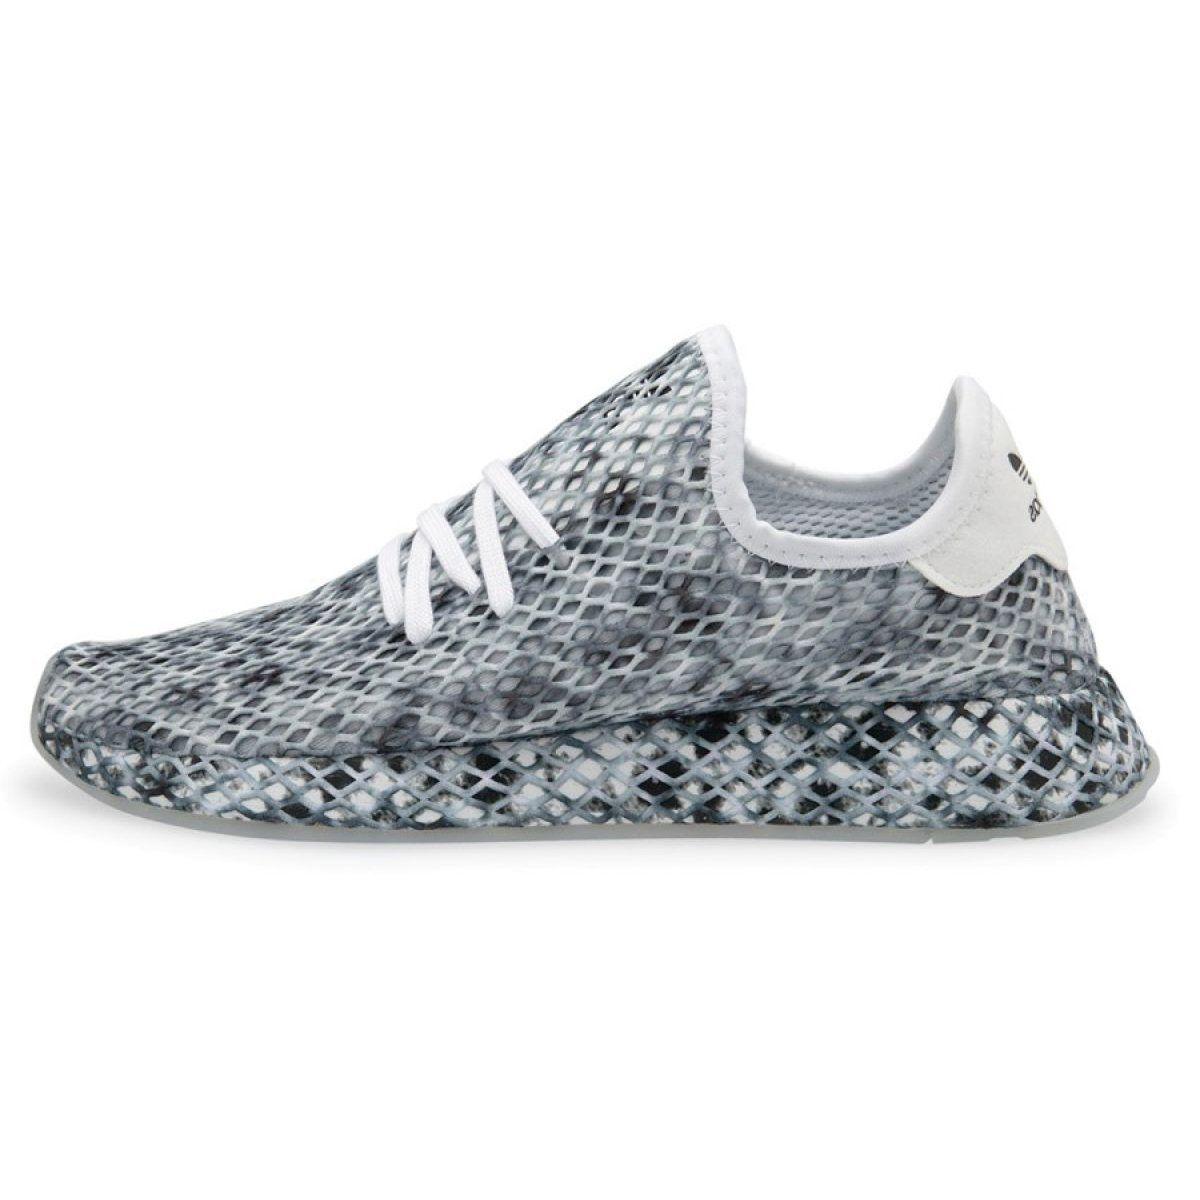 Sportowe Damskie Adidas Buty Adidas Originals Sneakers Deerupt Runner W Ee5808 Sneakers Women Shoes Adidas Originals